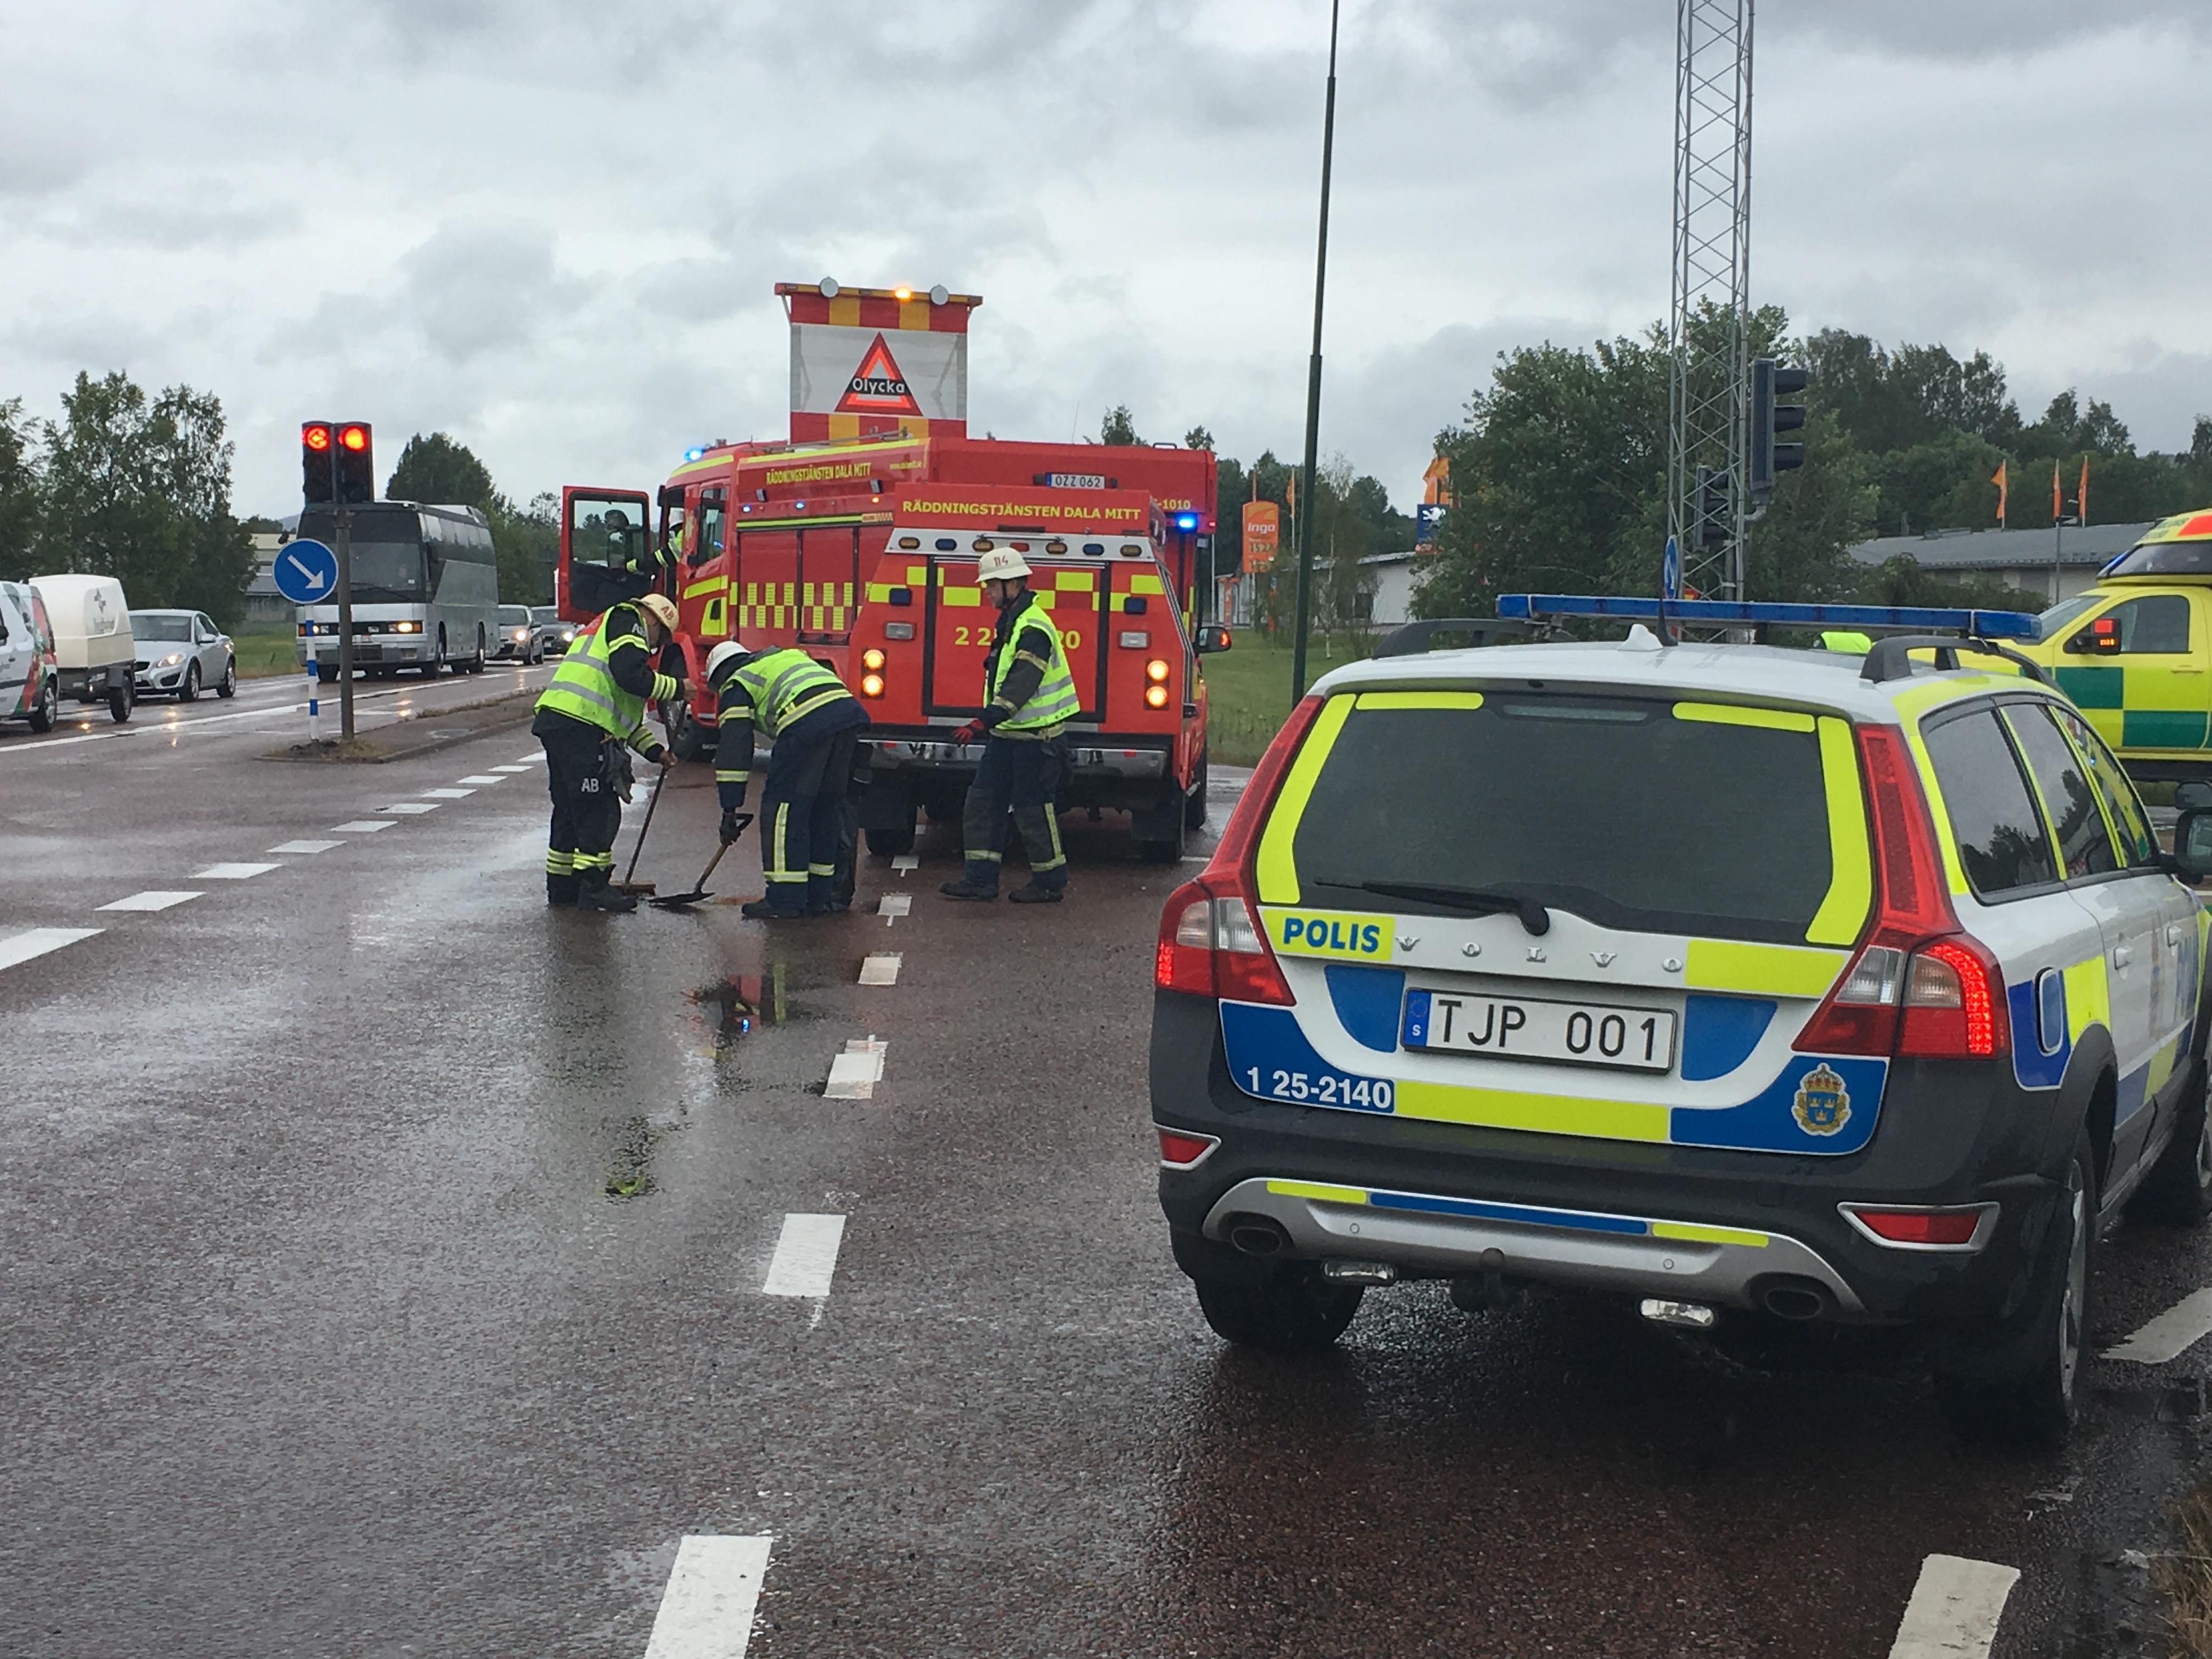 Personbil och ambulans i olycka